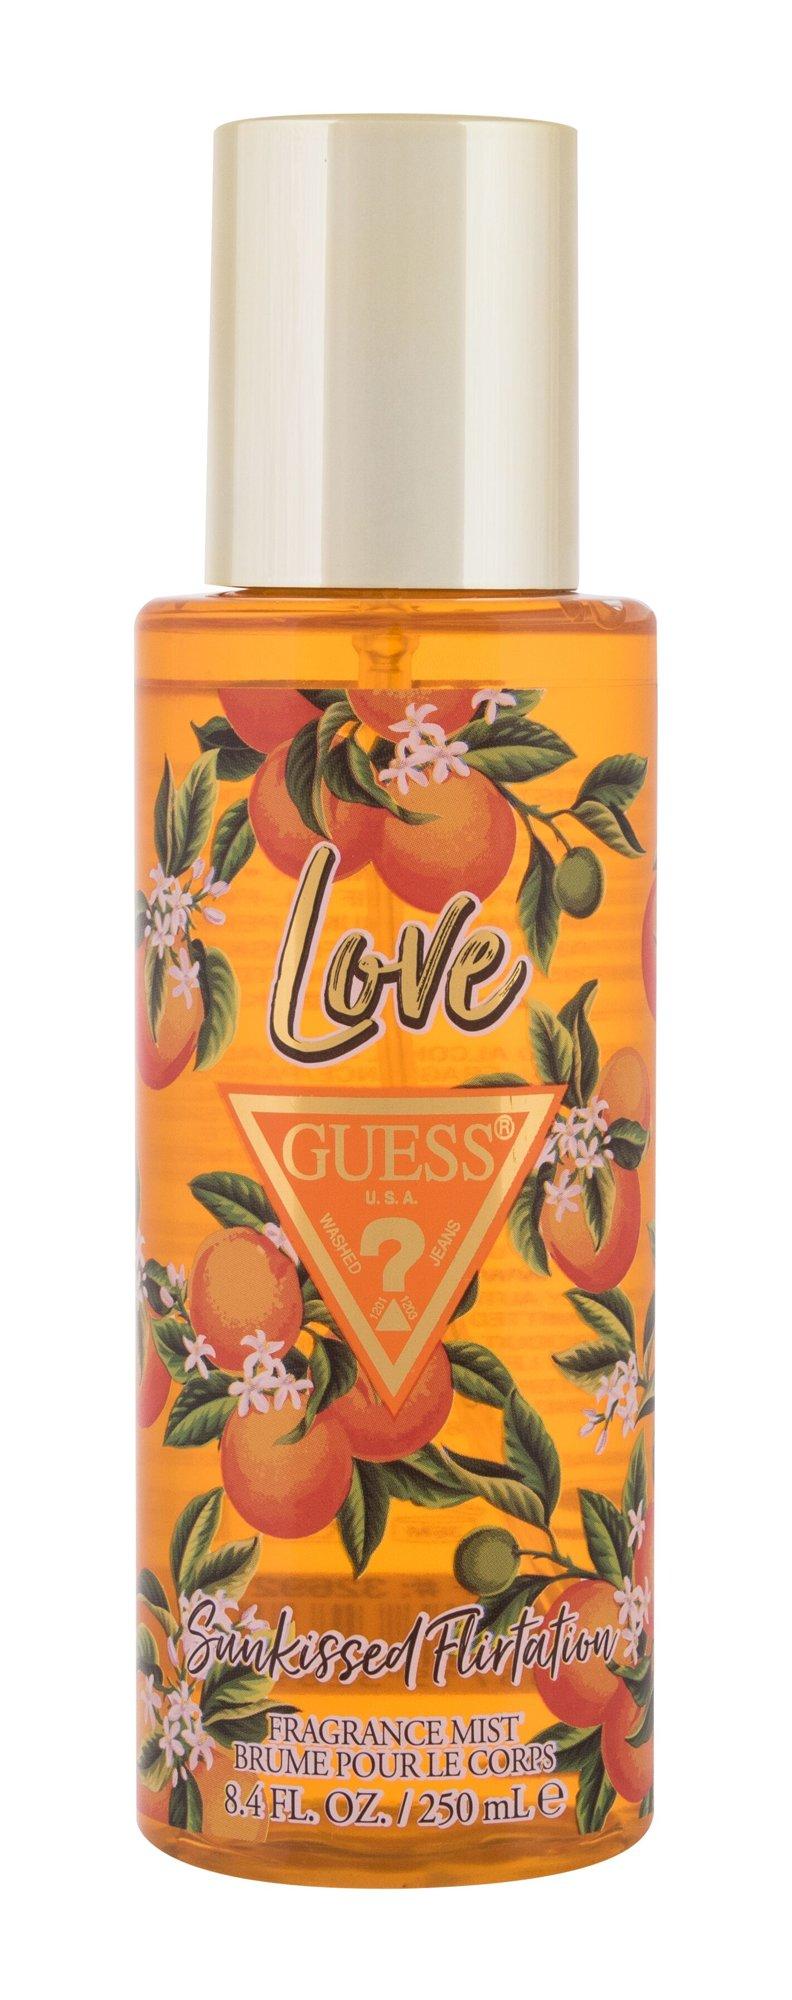 GUESS Love Sunkissed Flirtation, Telový sprej 250ml